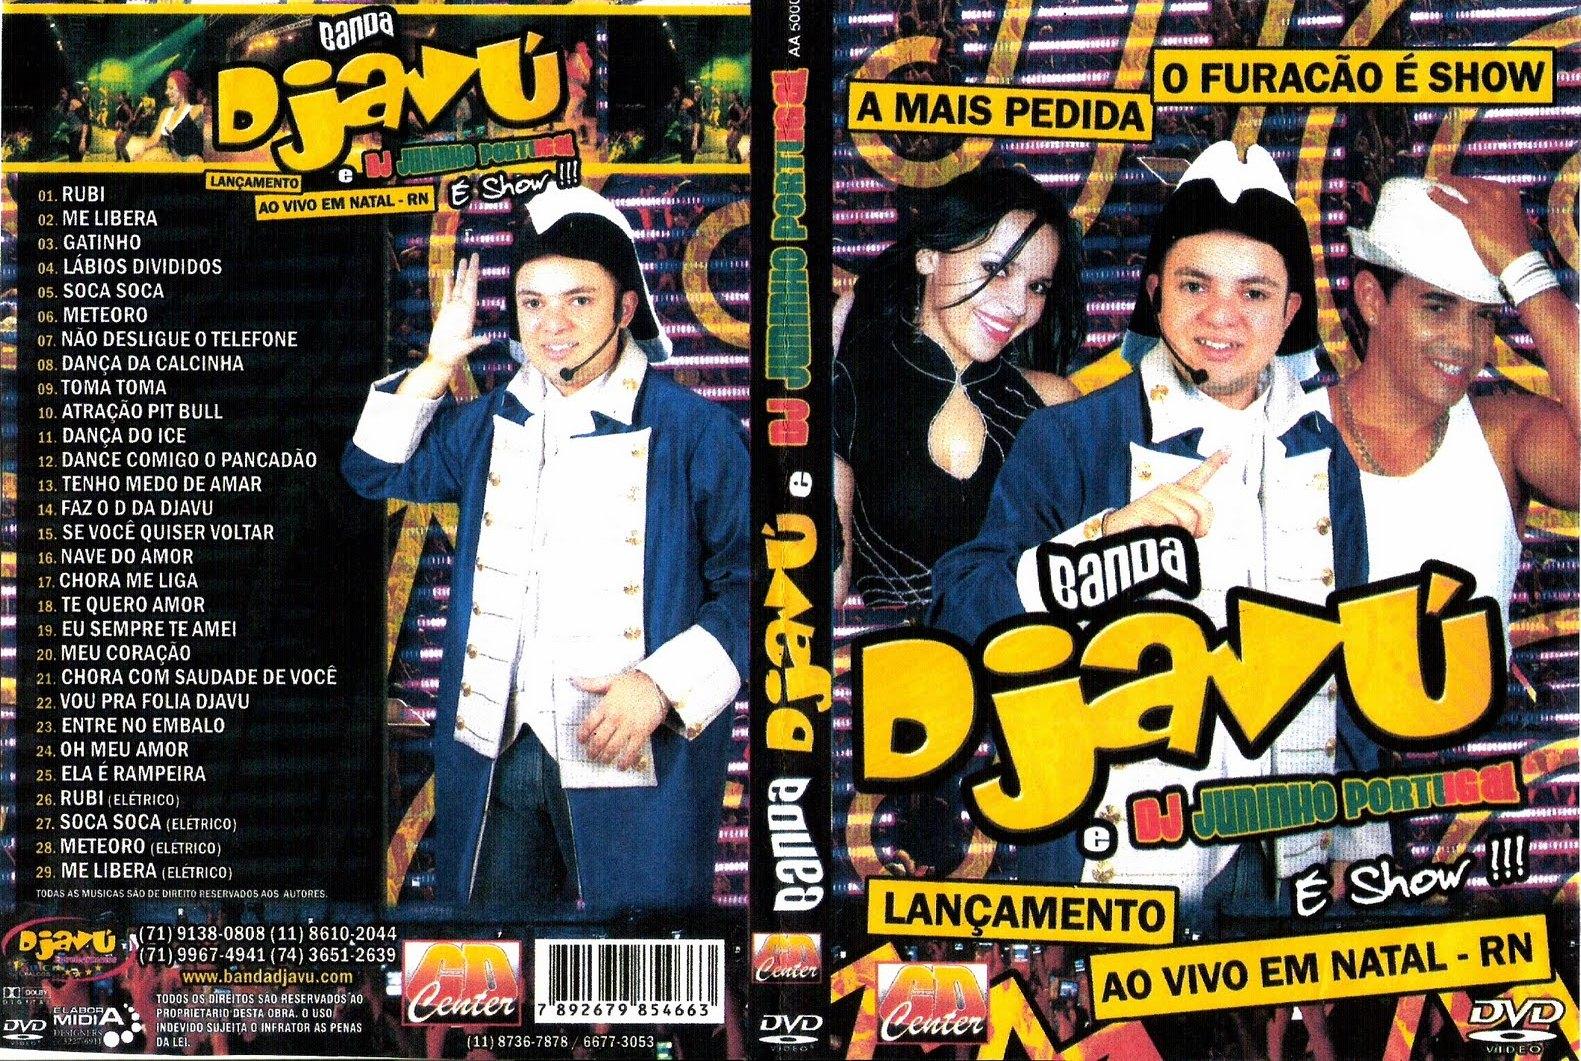 BAIXAR NATAL AO DVD DJAVU VIVO EM BANDA